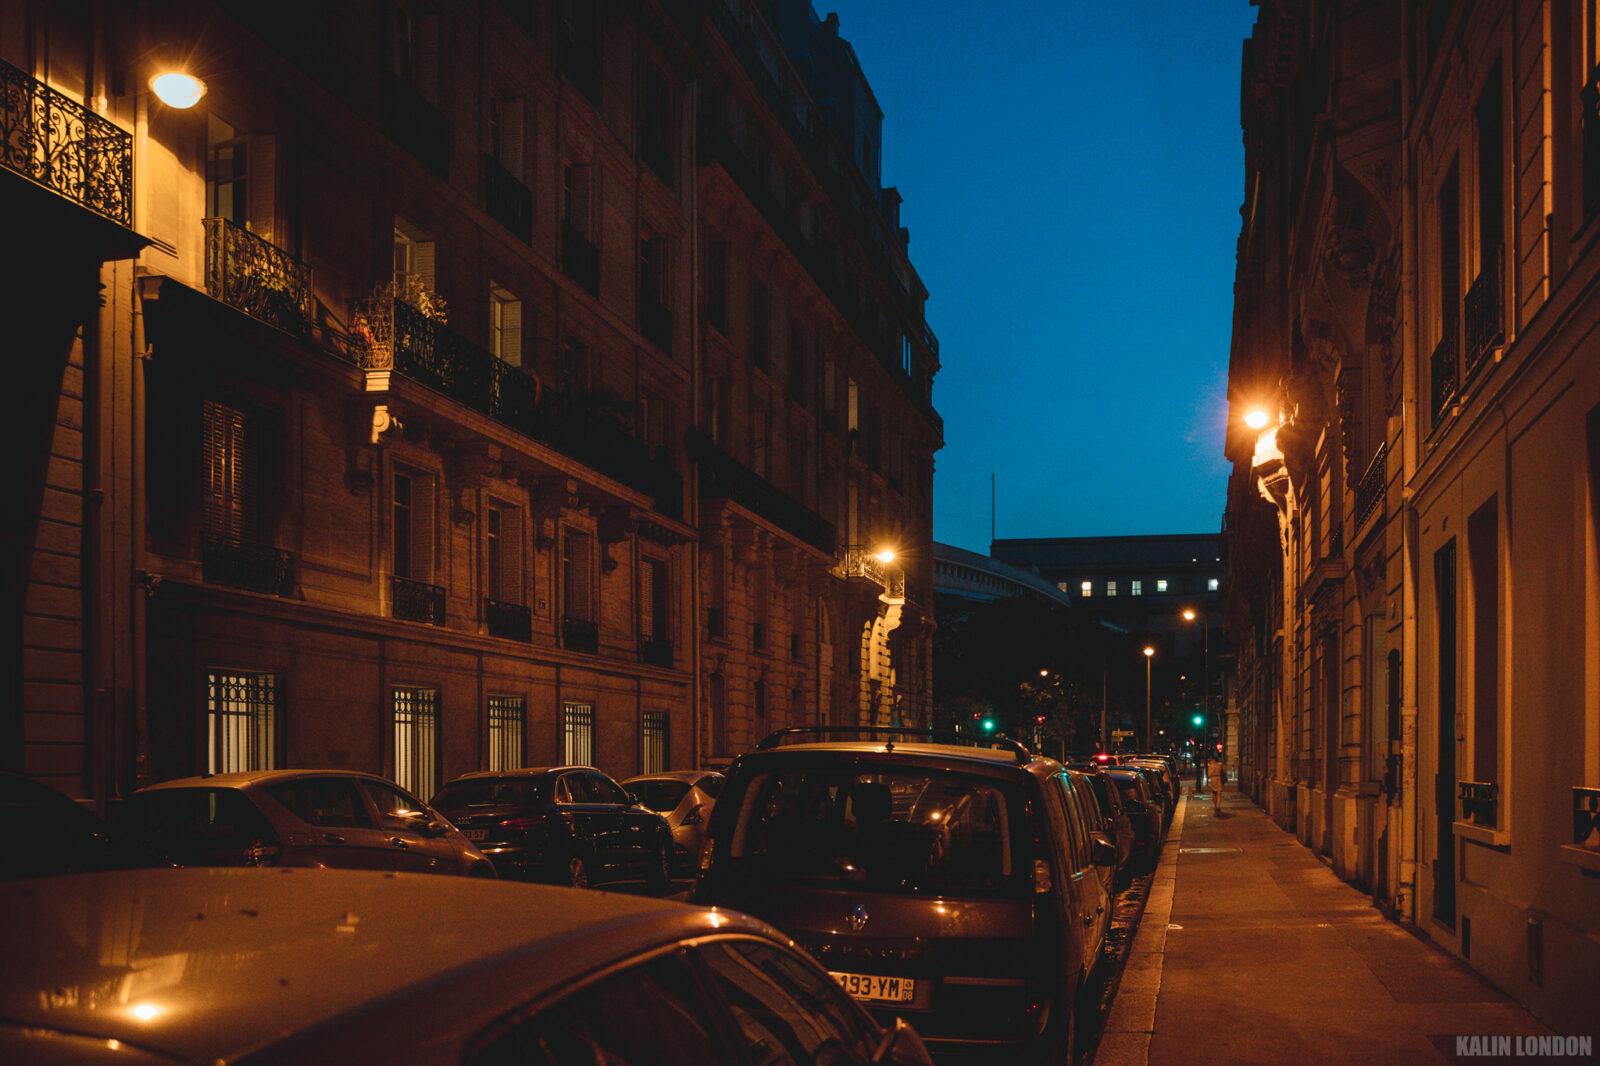 Paris by night Sept 2020